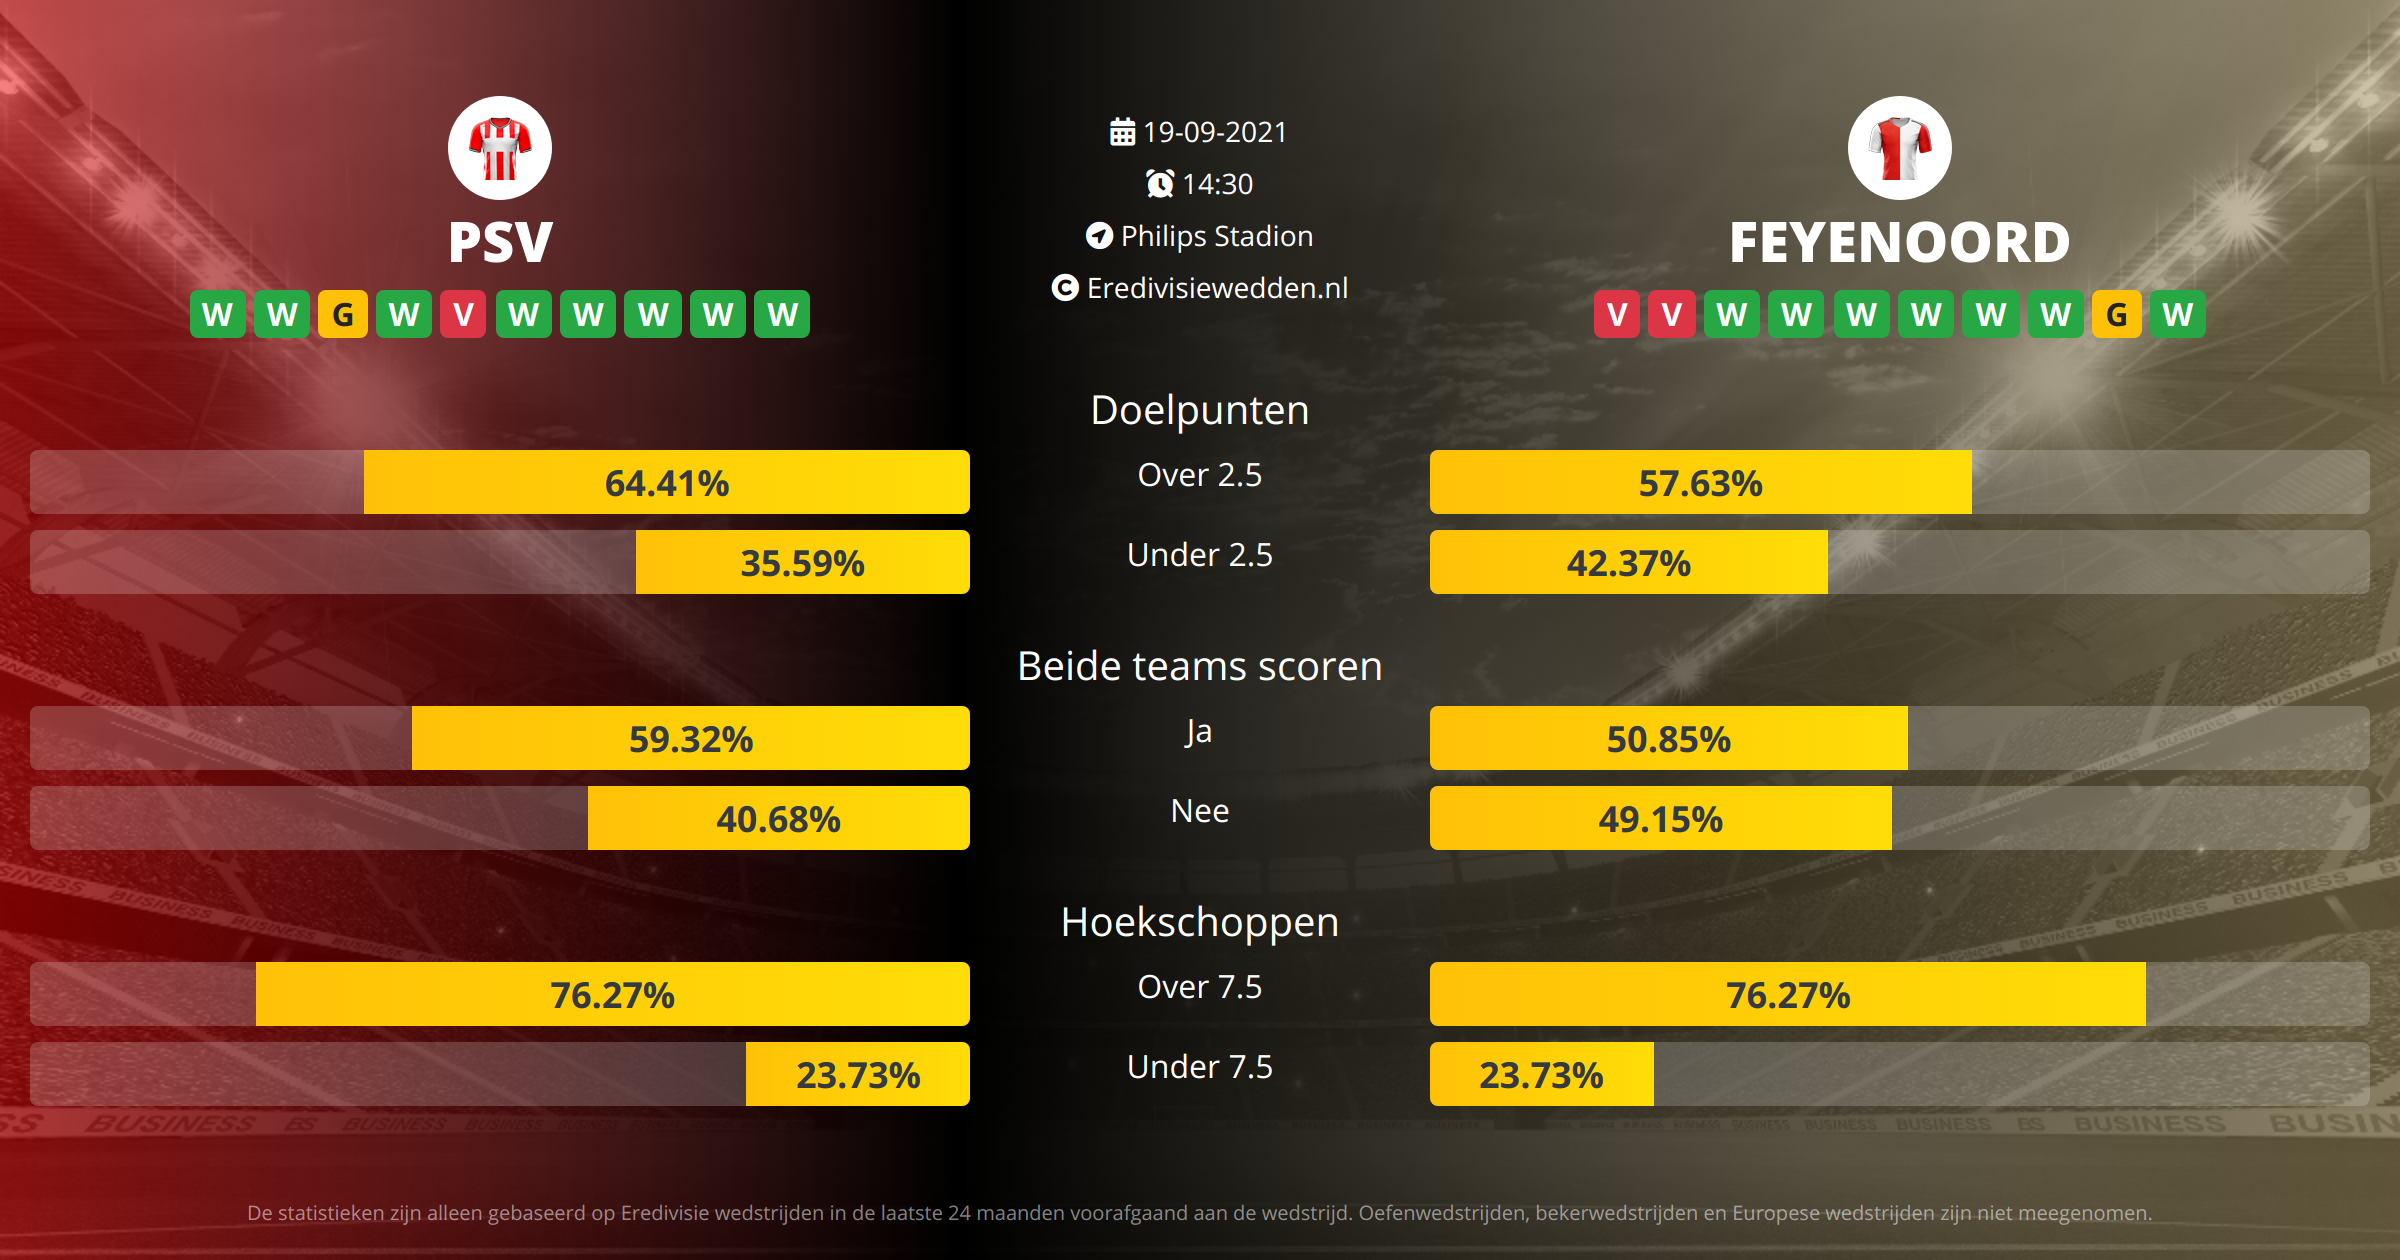 Voorspelling PSV Eindhoven tegen Feyenoord op  19  2021